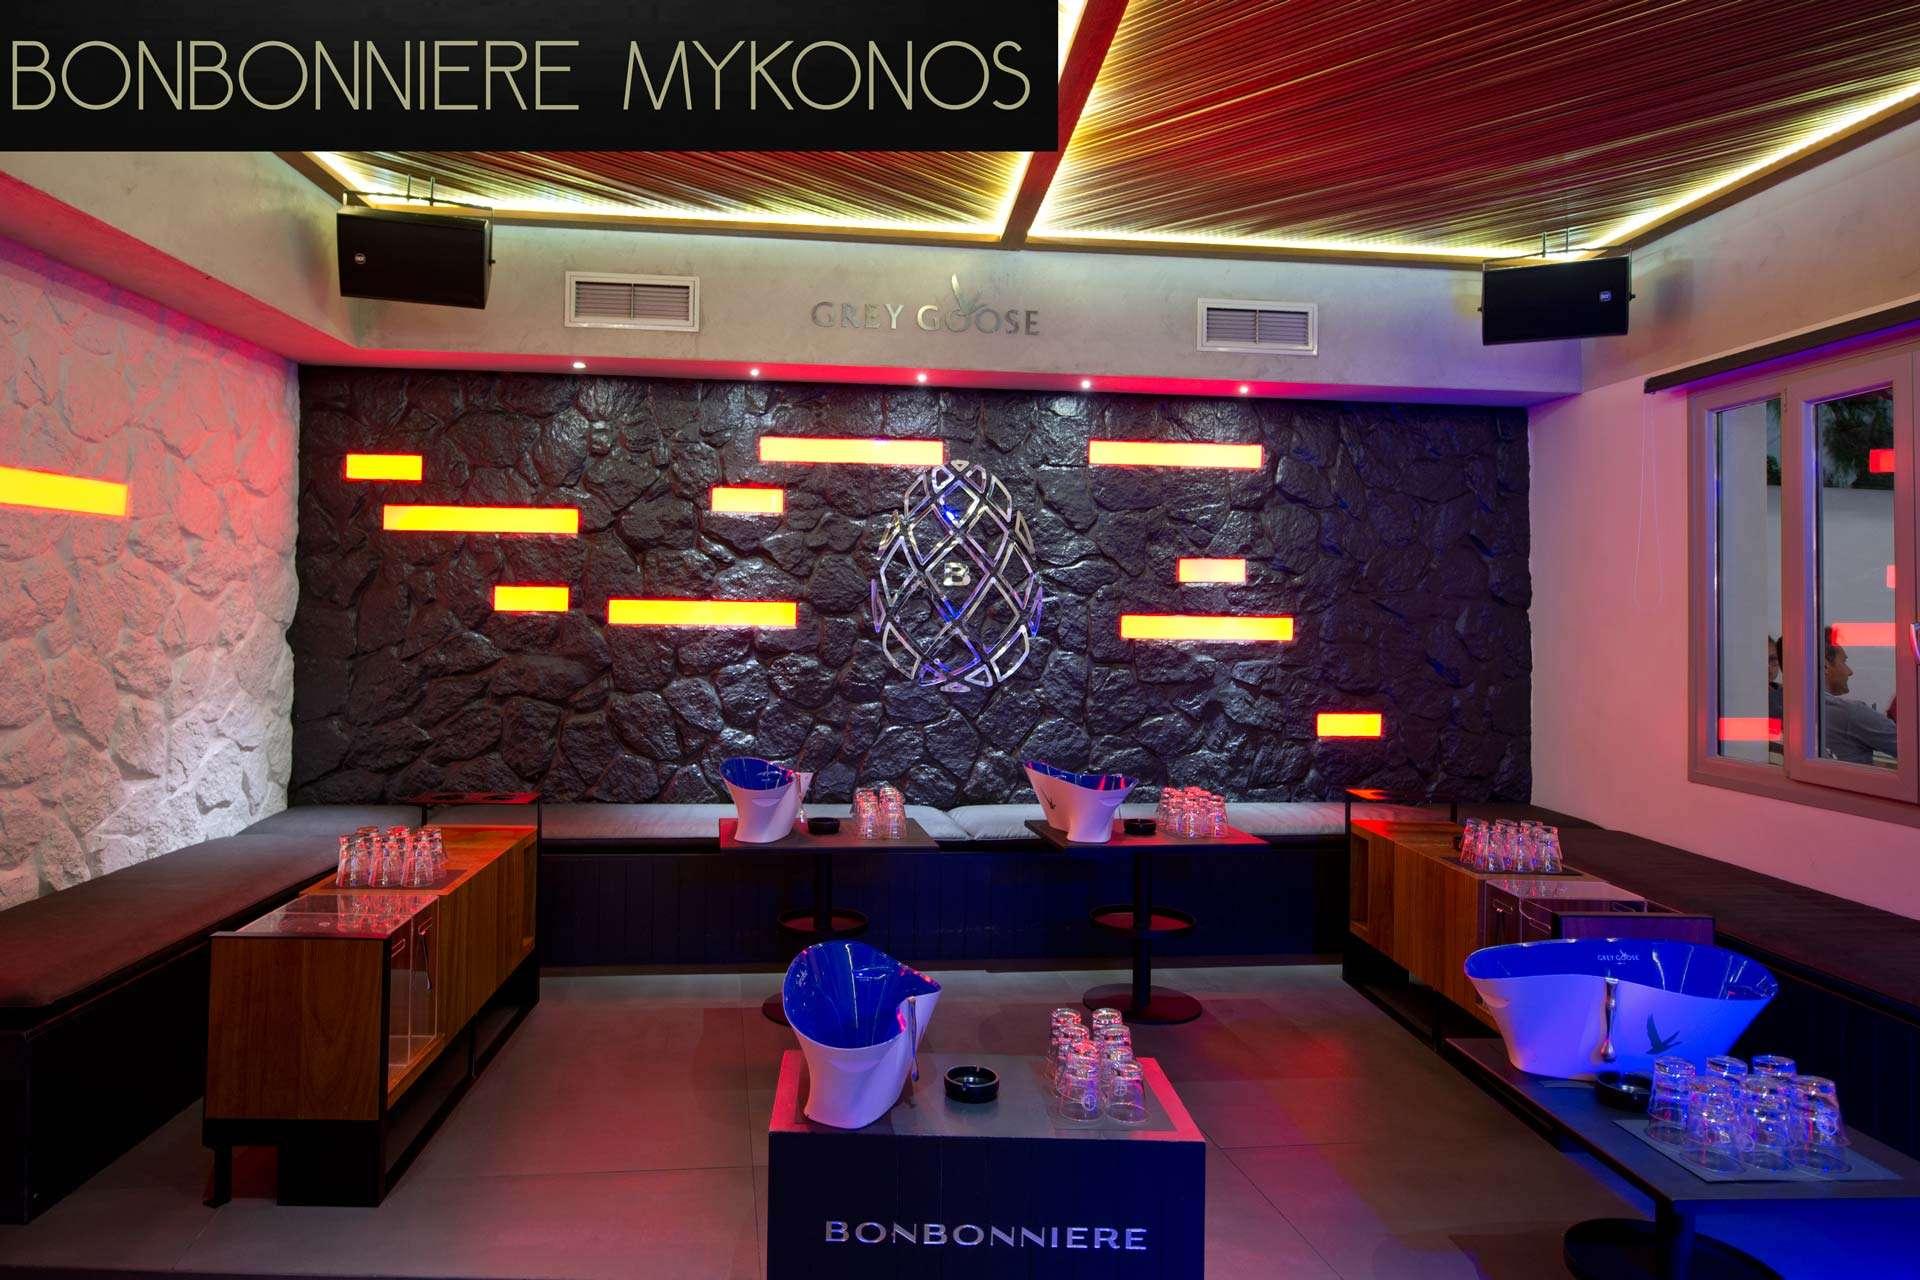 bonbonniere-mykonos